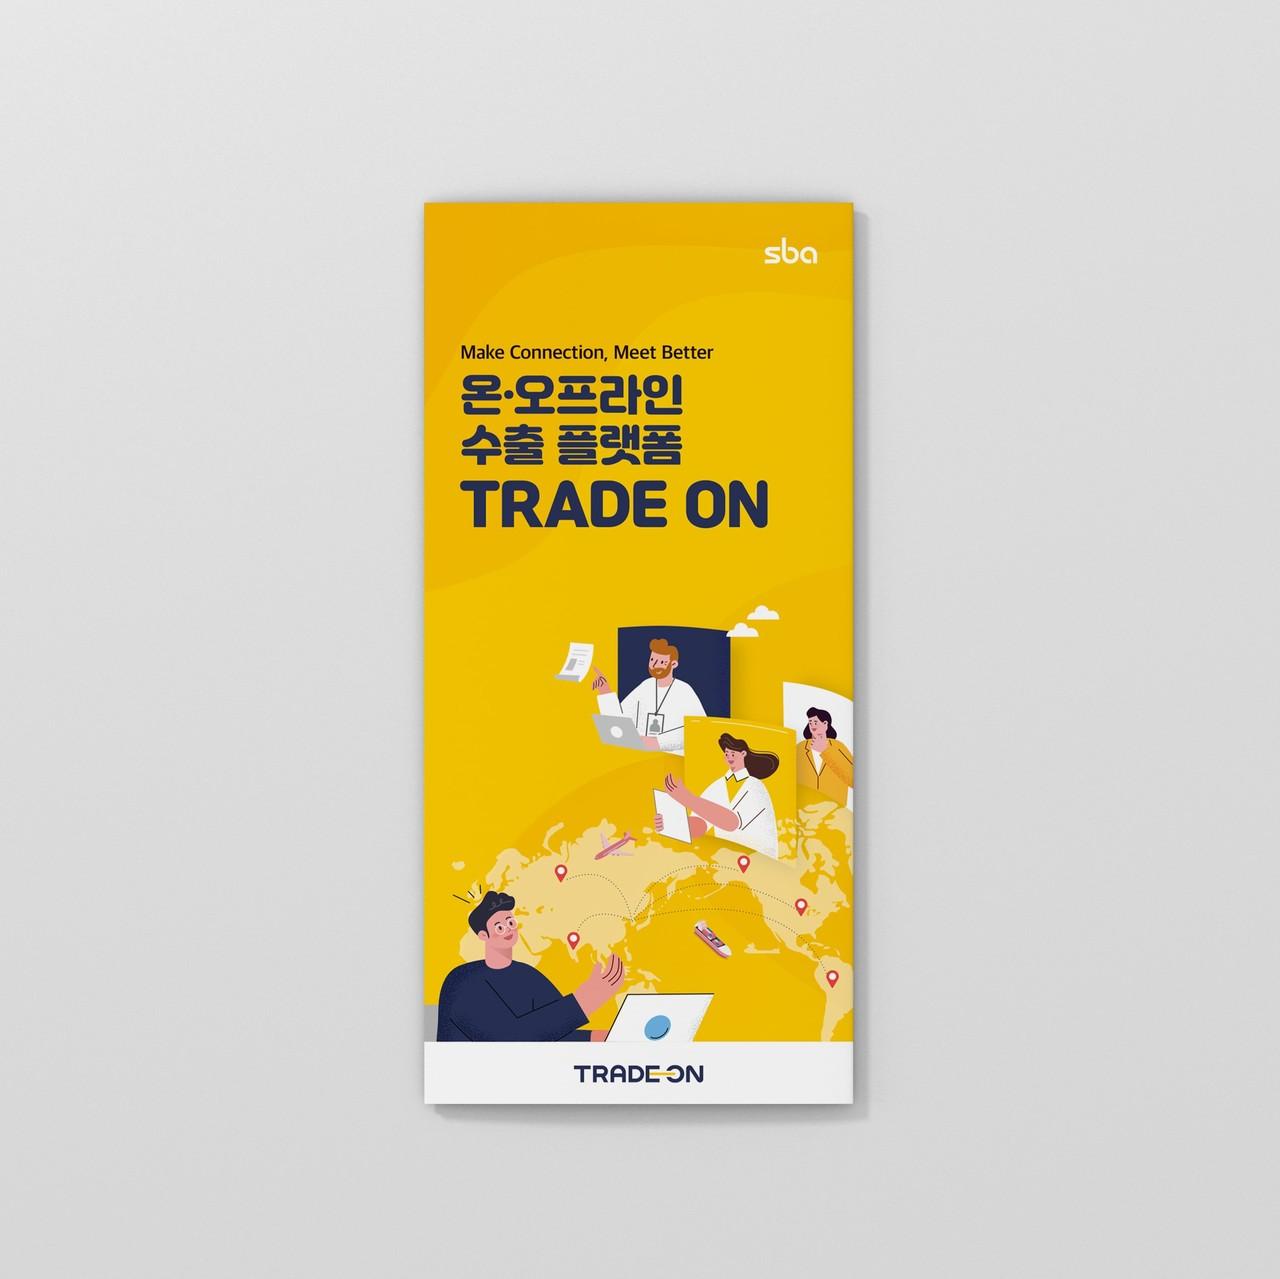 온·온프라인 수출 플랫폼 TRADE ON - 서울산업진흥원